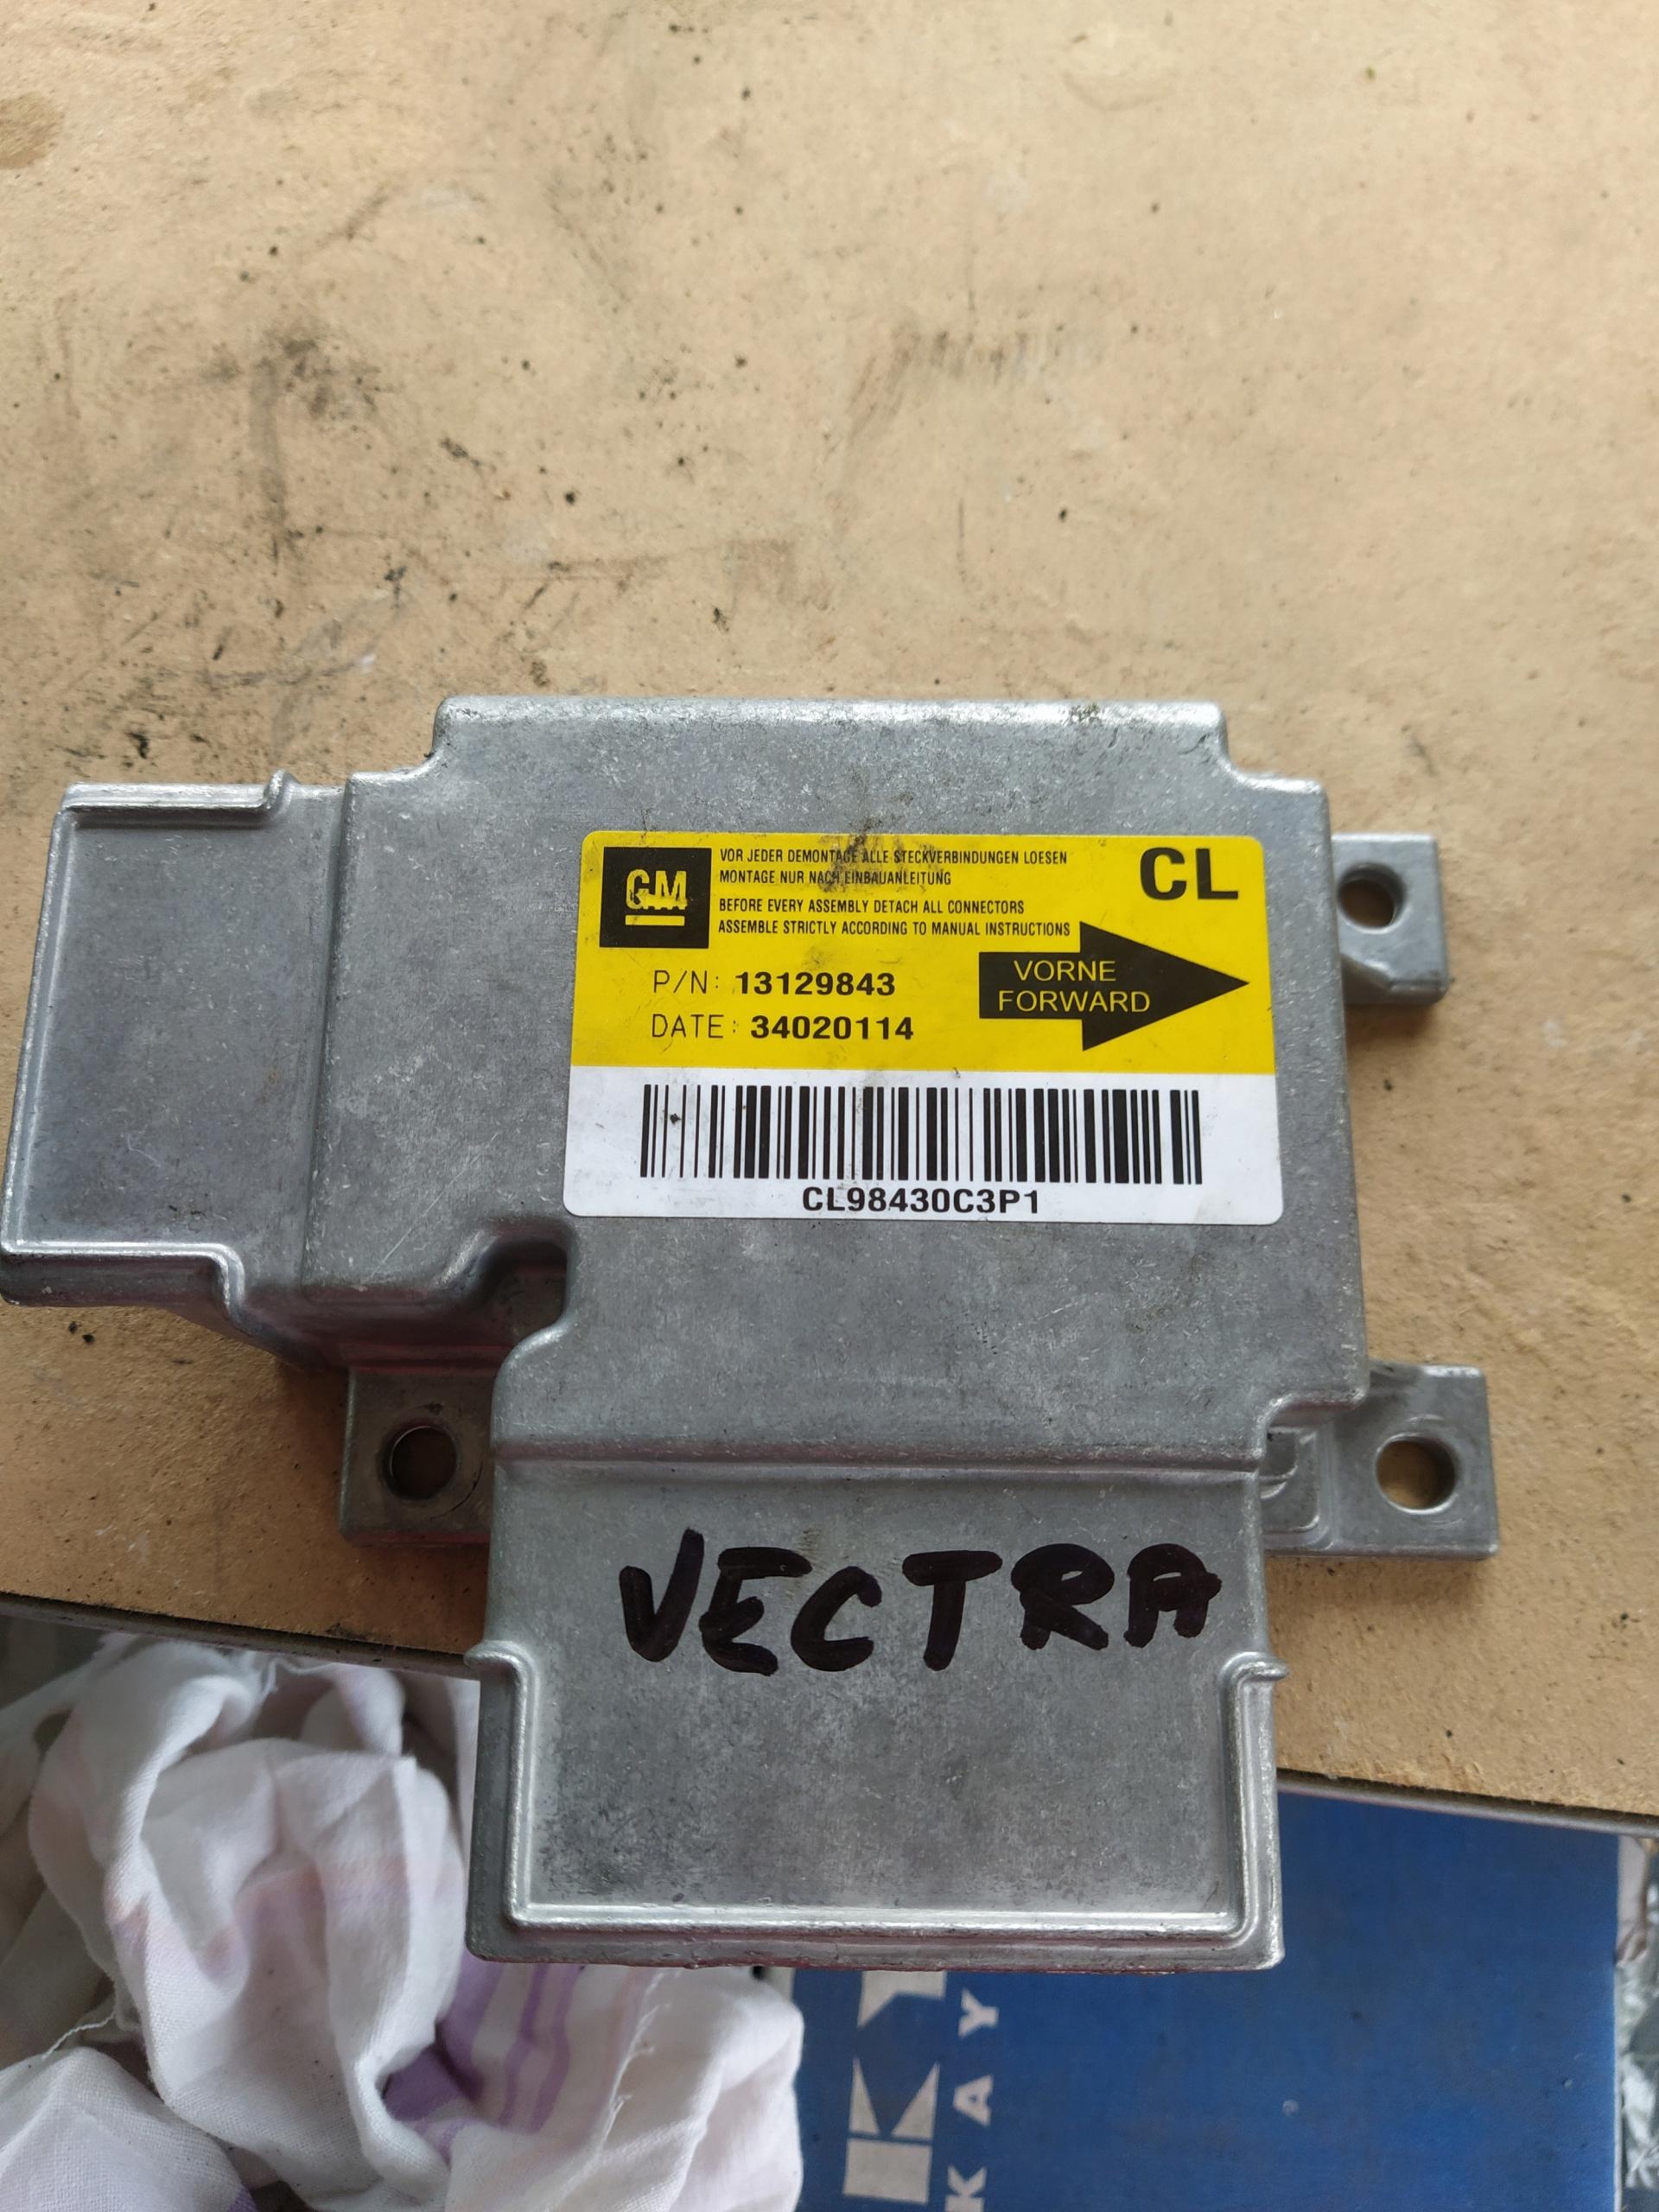 opel vectra c сенсор подушек airbag 13129843 cl